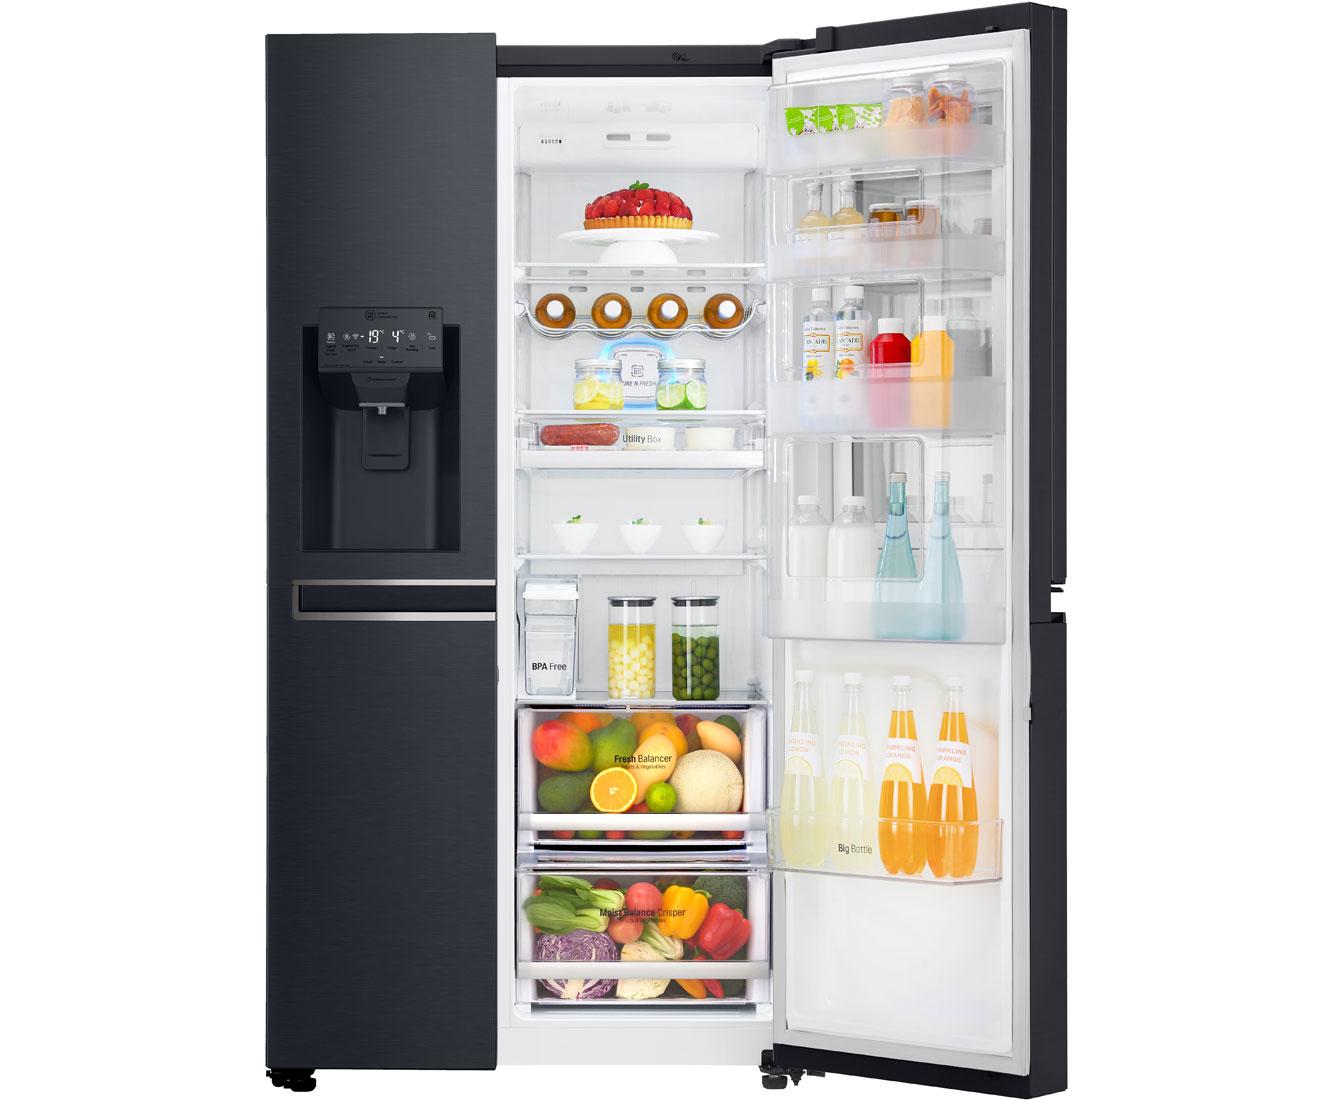 Amerikanischer Kühlschrank Ohne Gefrier : Lg gsx 961 mtaz amerikanischer side by side mit wasserspender 601l